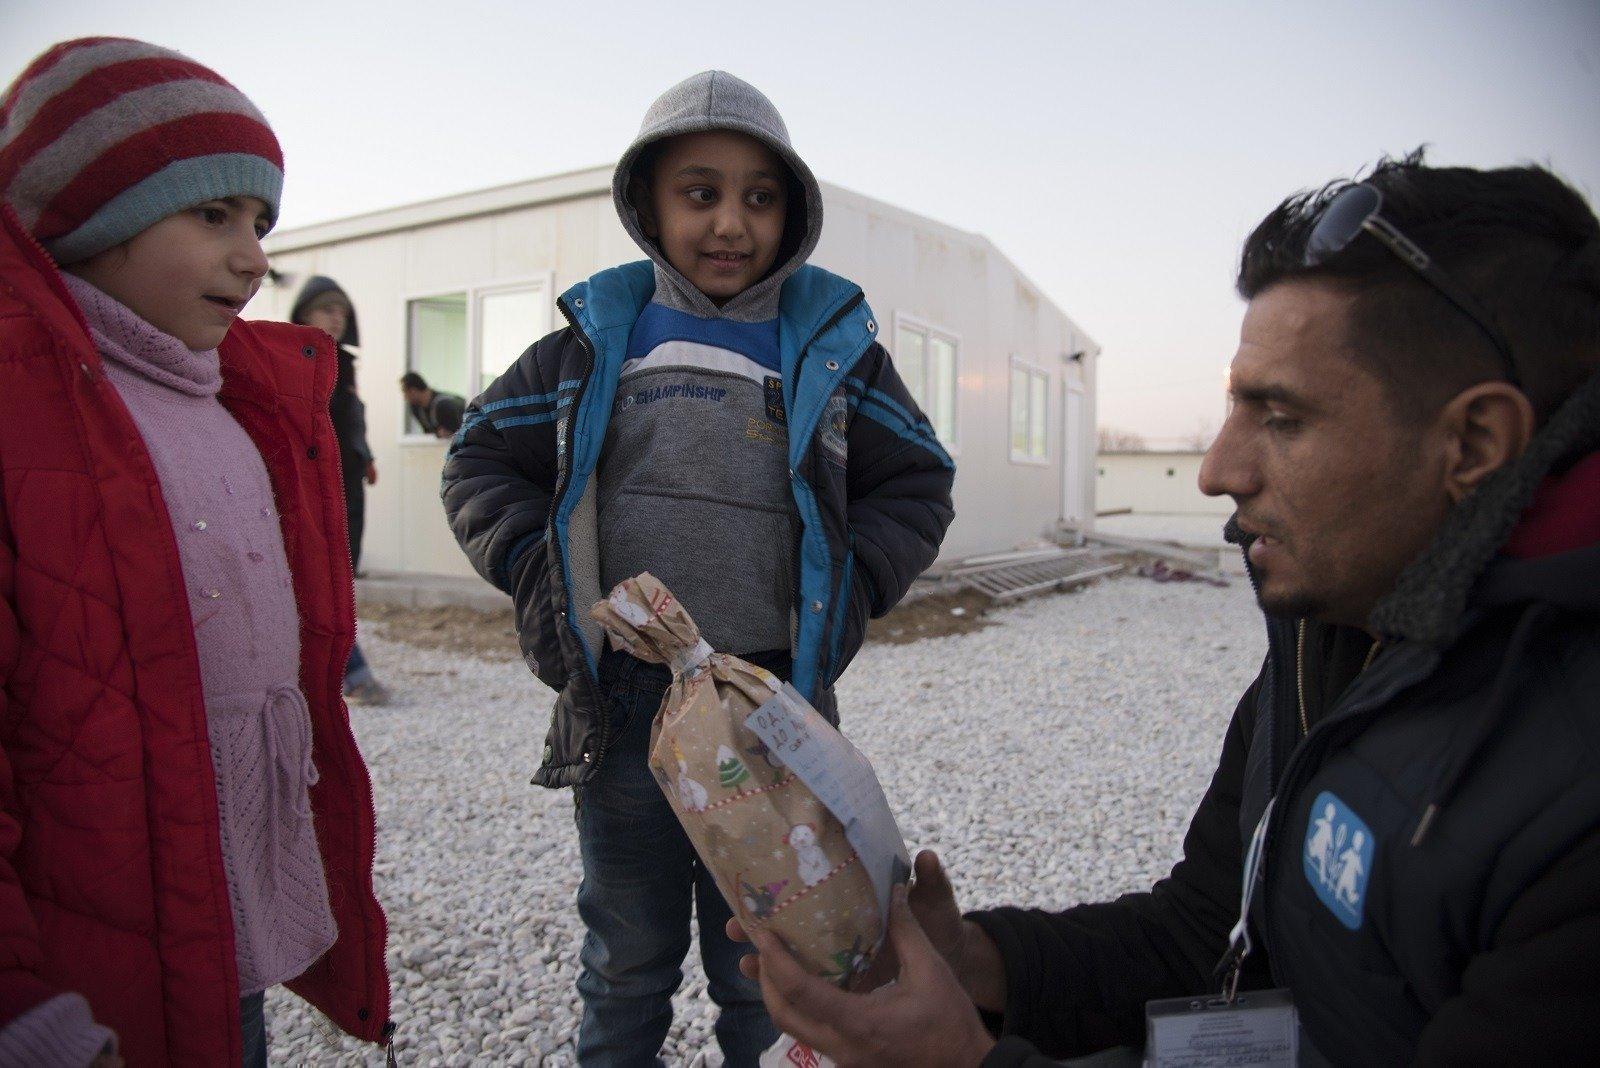 Des collaborateurs de SOS Villages d'Enfants avec des enfants syriens dans le centre d'accueil en Macédoine.